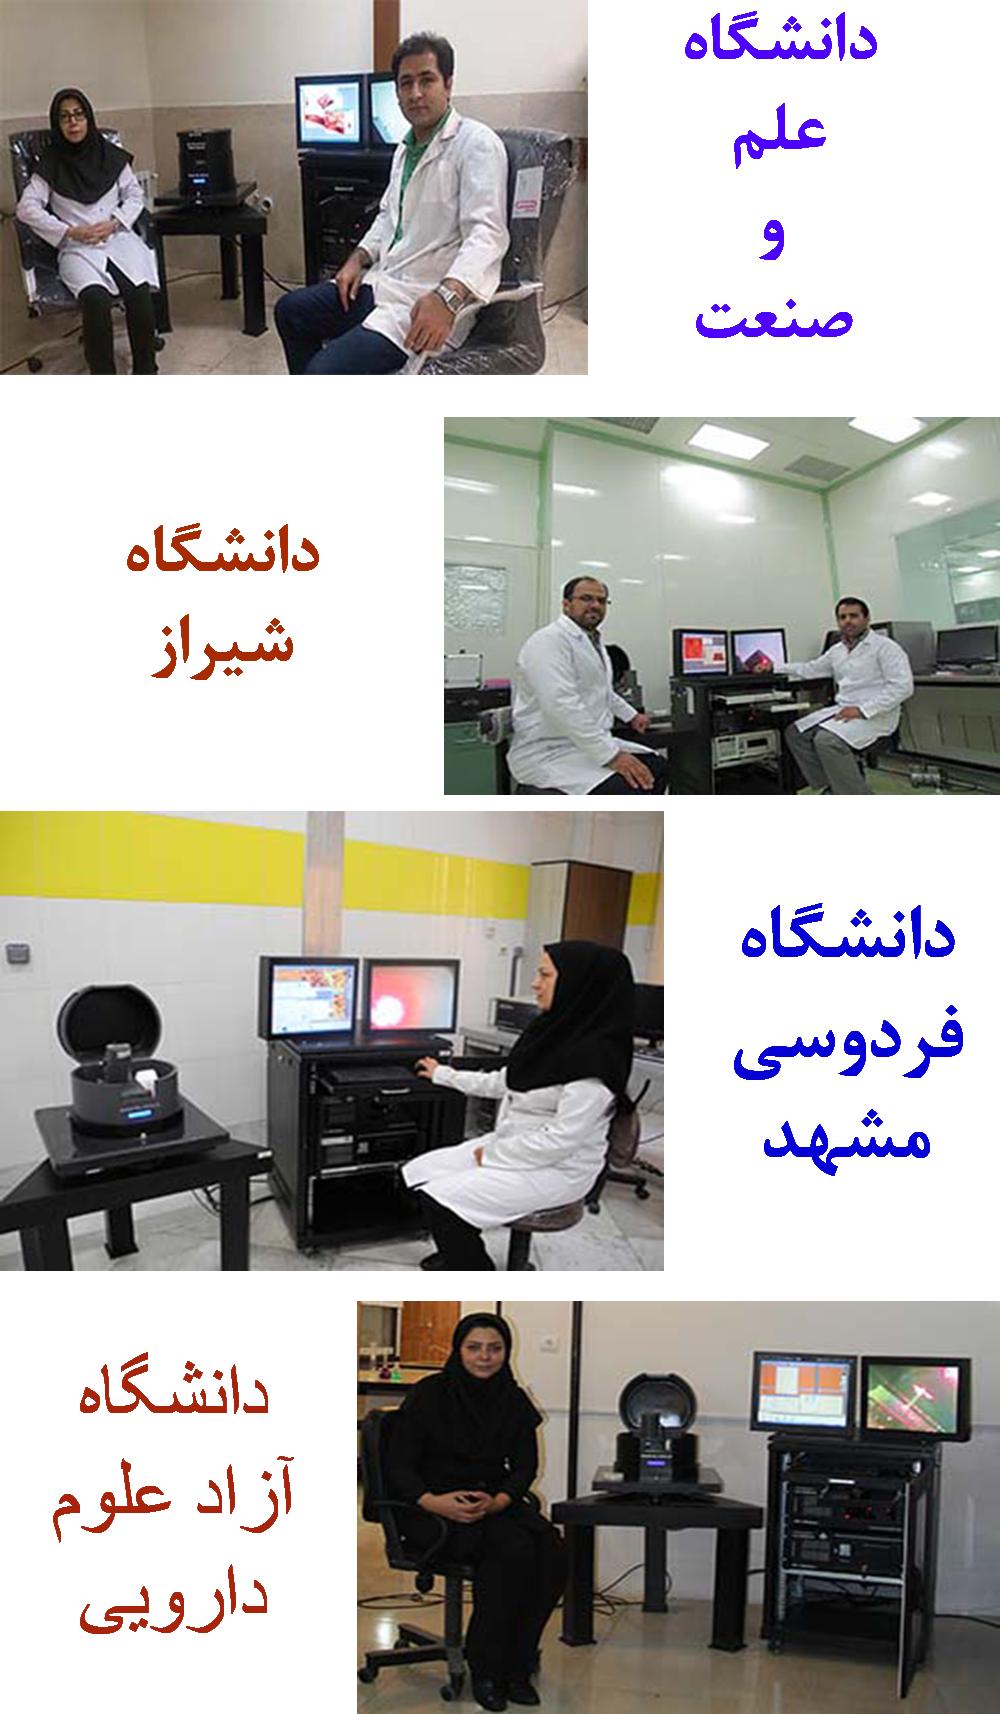 کاربران نانوسکوپ اتمی شرکت آراپژوهش,دانشگاه علم و صنعت,دانشگاه فردوسی مشهد